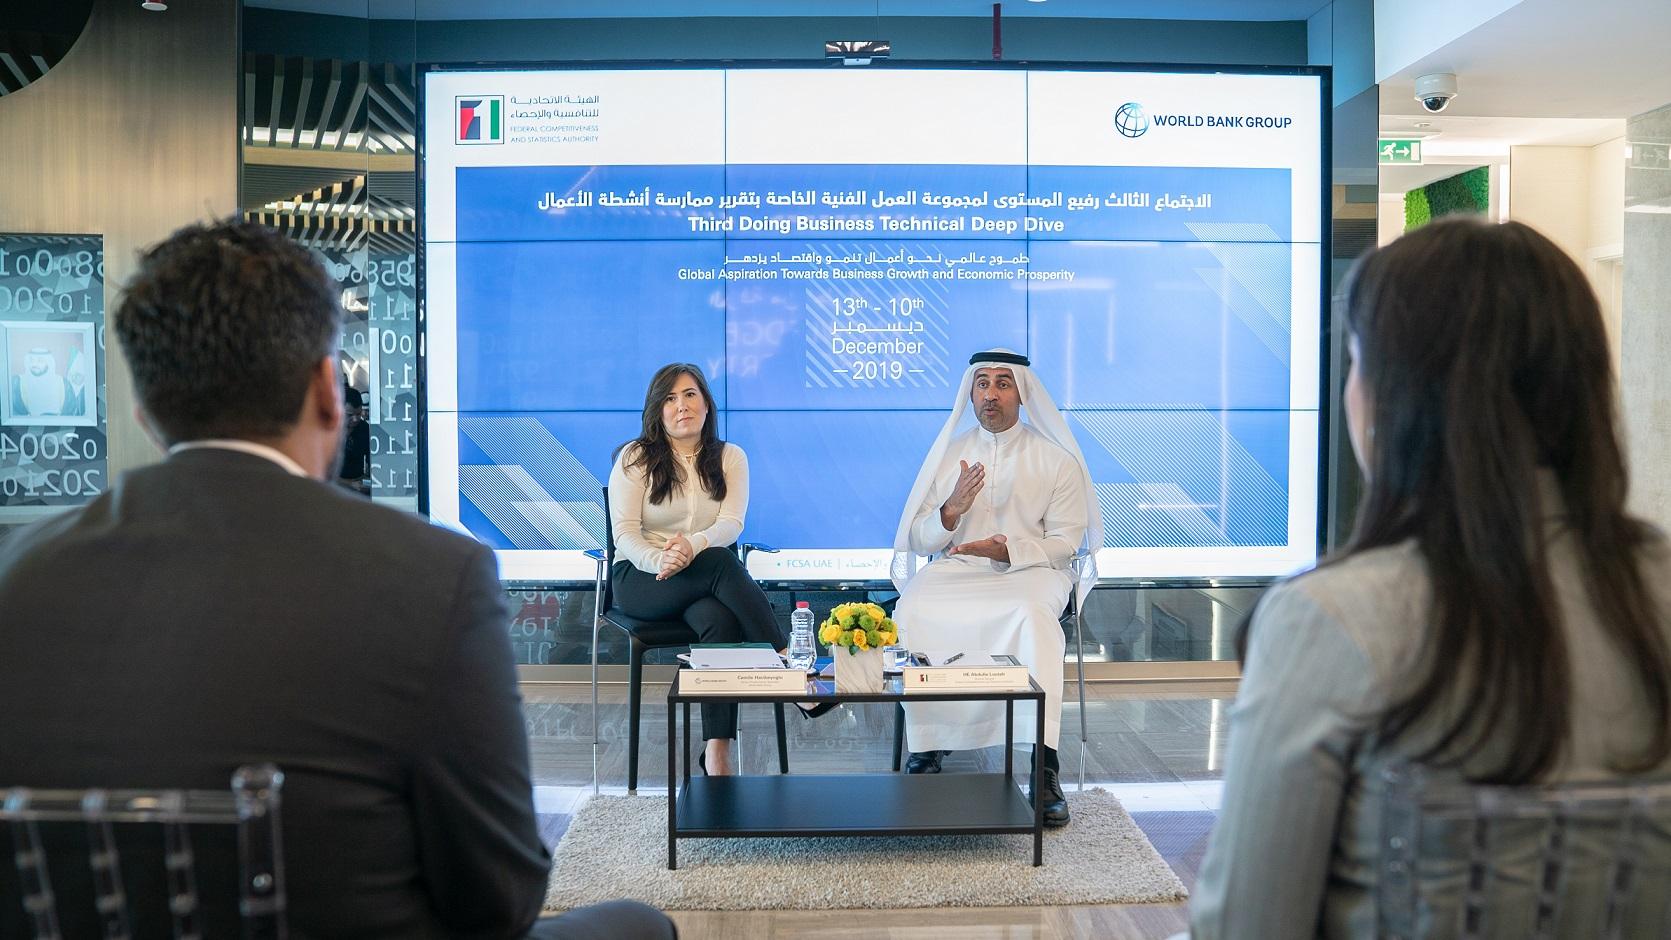 الإمارات تستضيف اجتماع مجموعة العمل الخاصة بتقرير ممارسة أنشطة الأعمال بعد غد في دبي